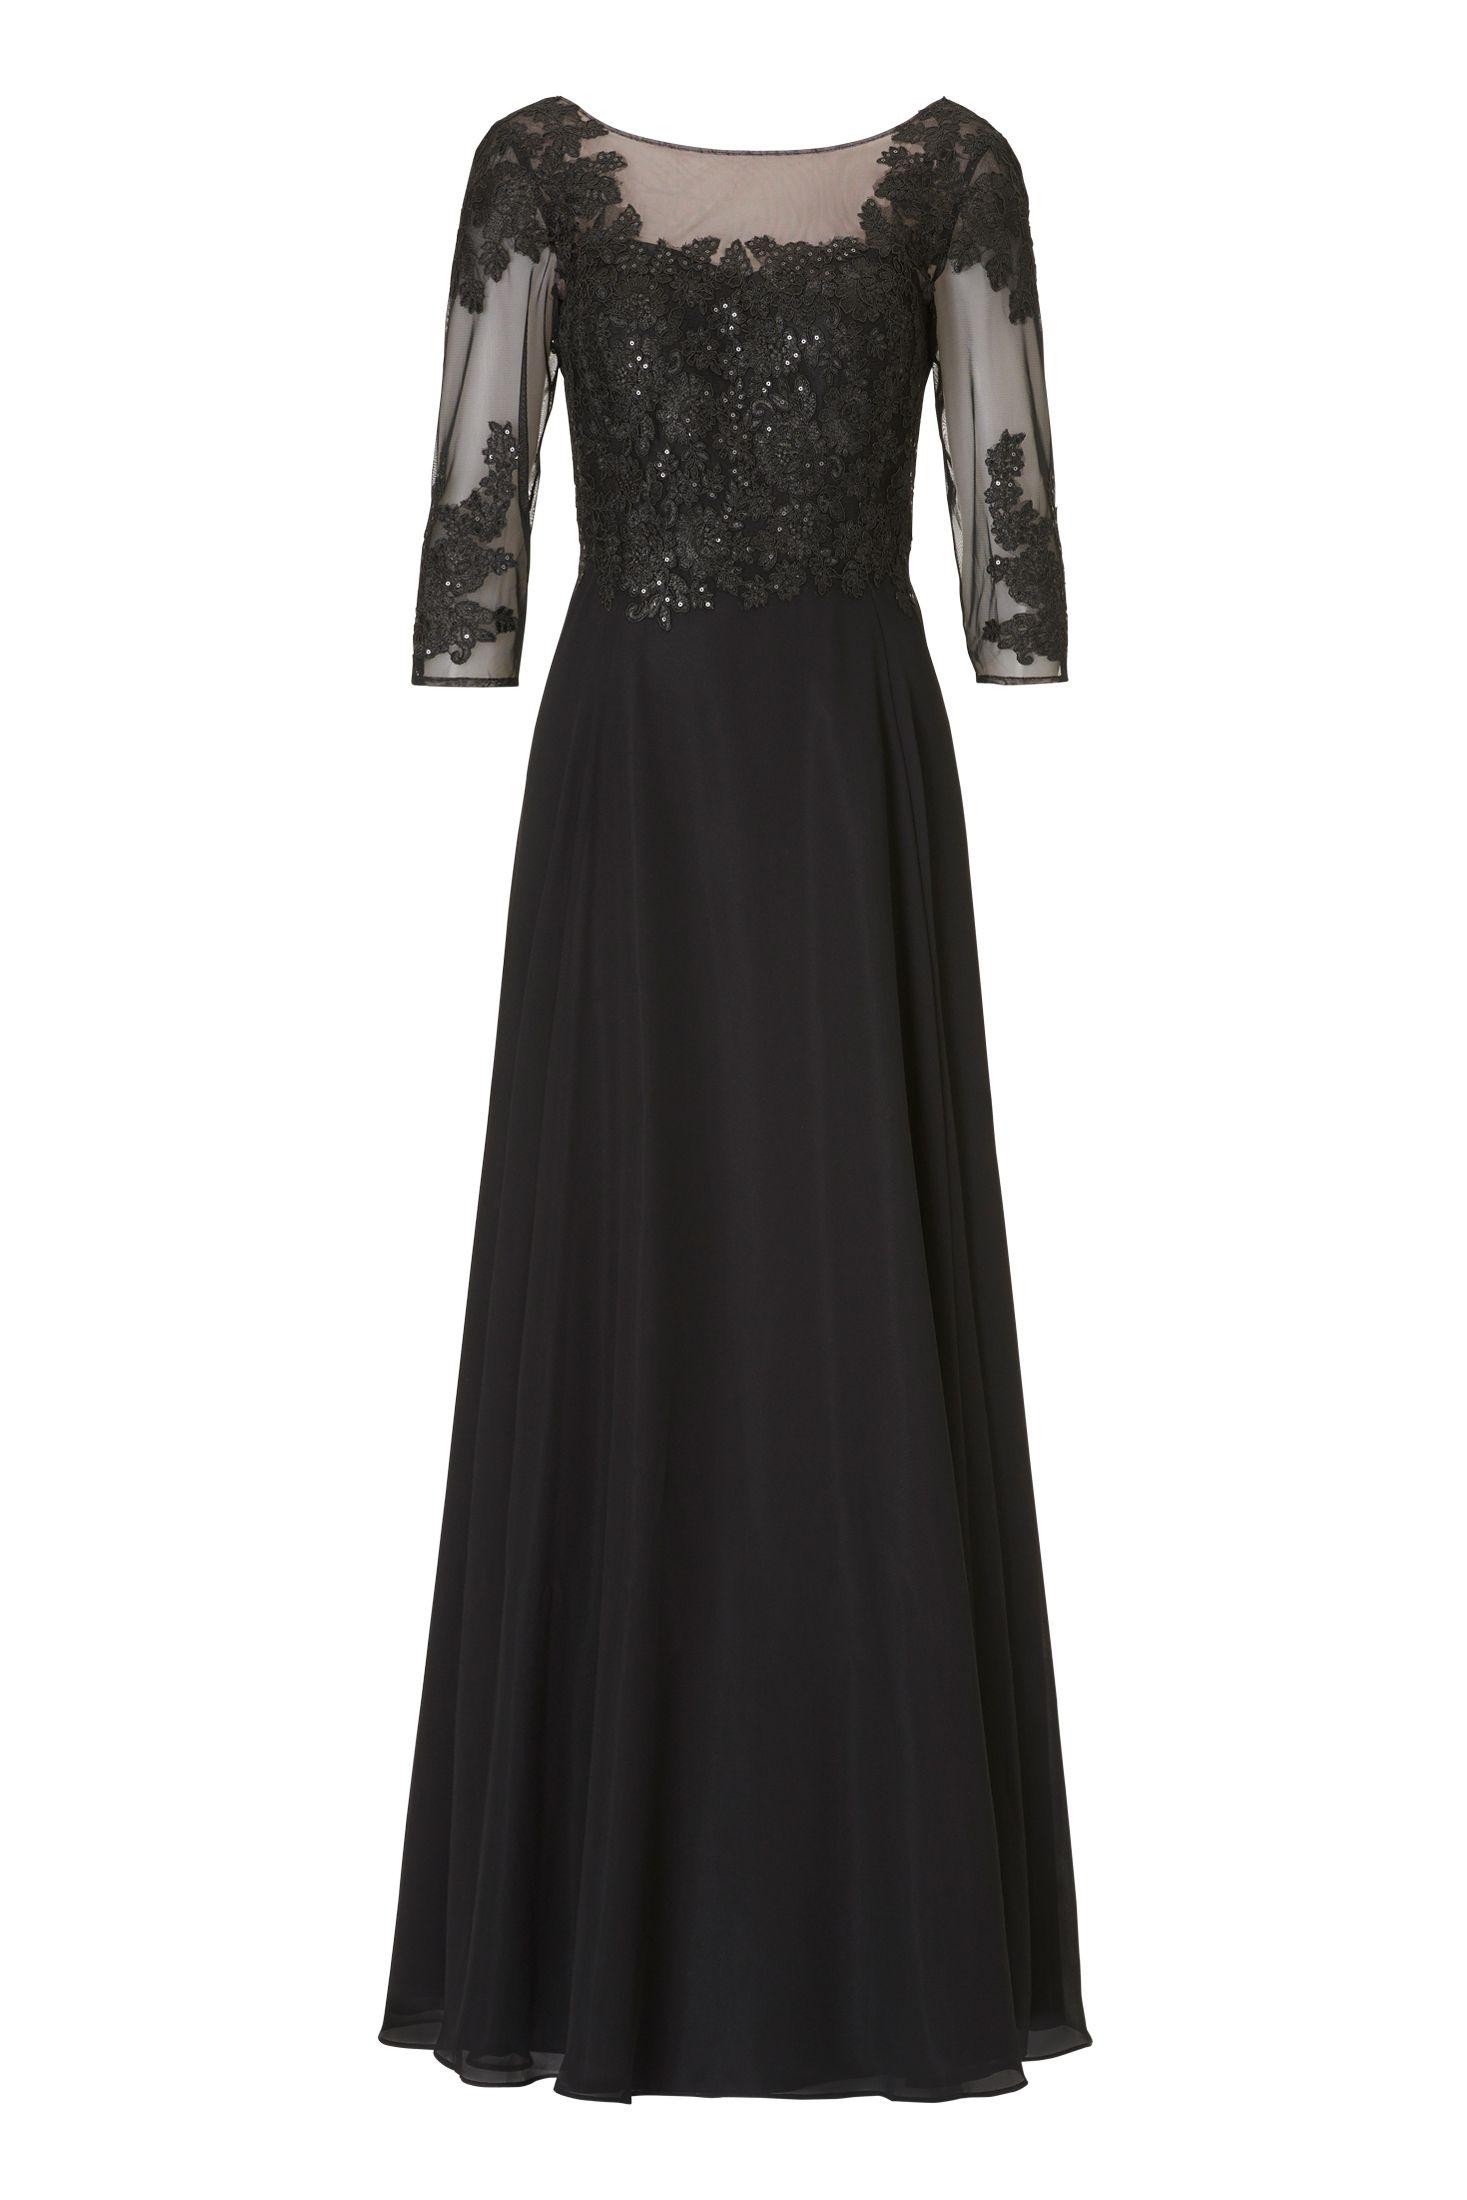 Langes schwarzes Kleid mit Ärmel von Vera Mont  Mode Bösckens